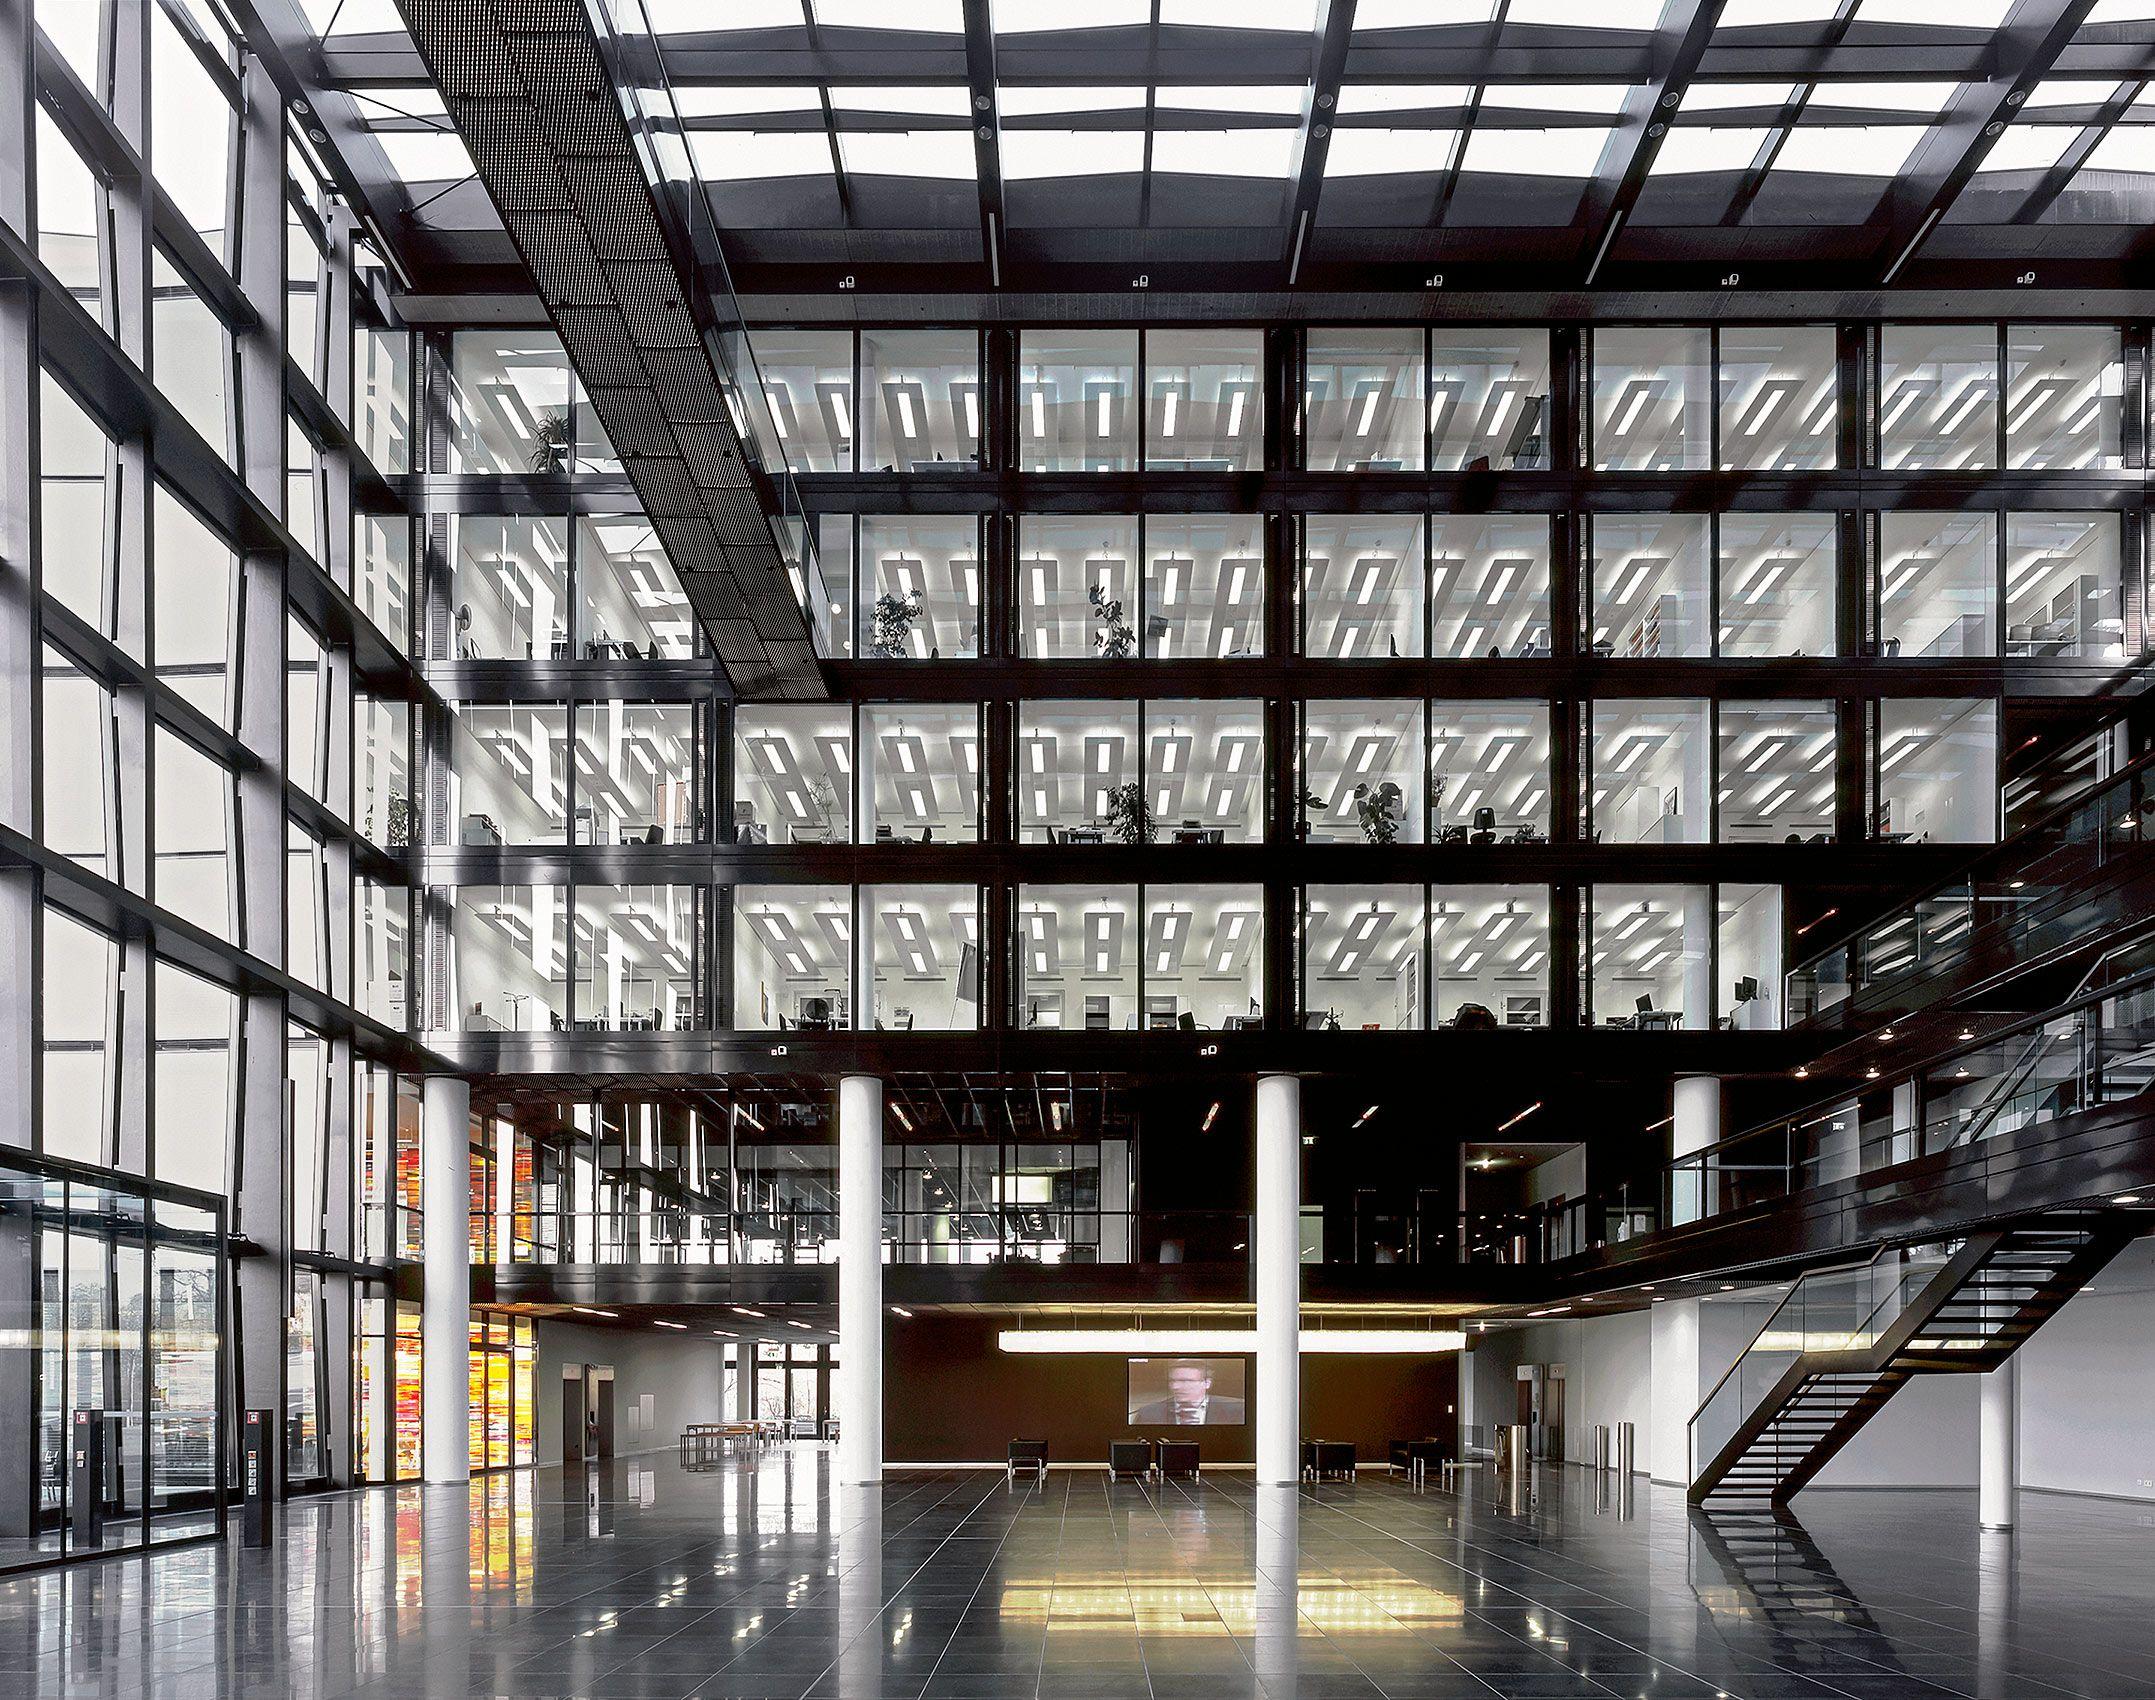 Süddeutscher Verlag, München 2008